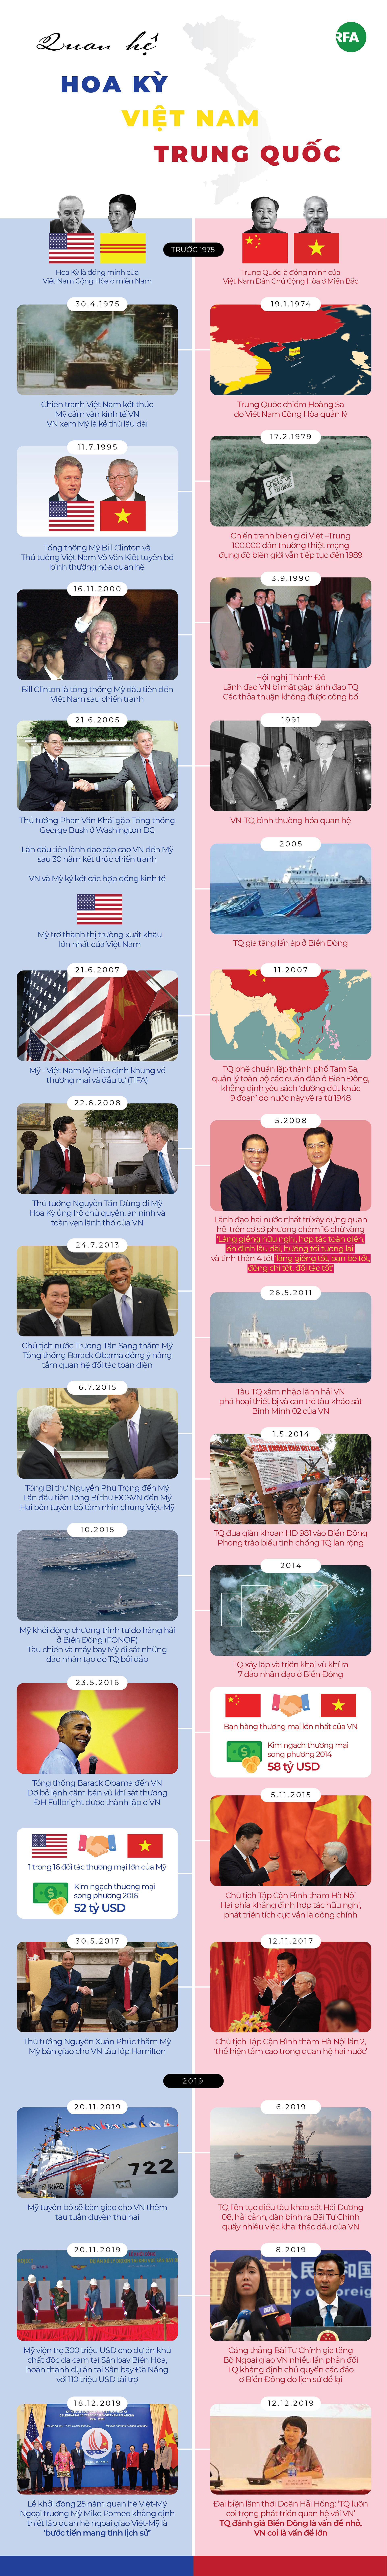 Infographic cột mốc quan hệ Việt Nam - Hoa Kỳ - Trung Quốc